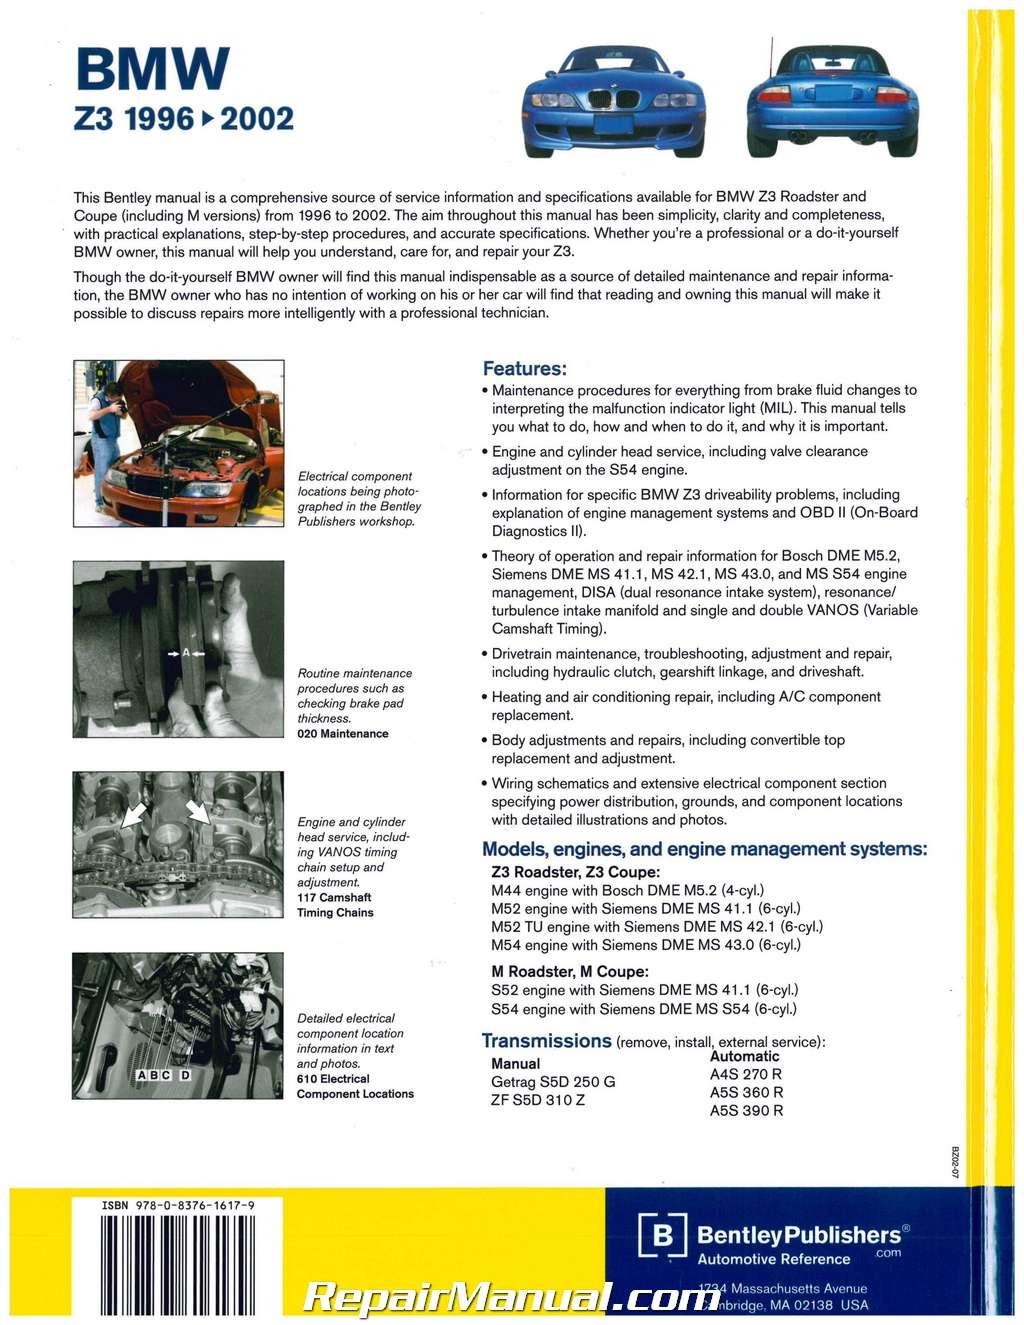 bmw z3 repair manual free